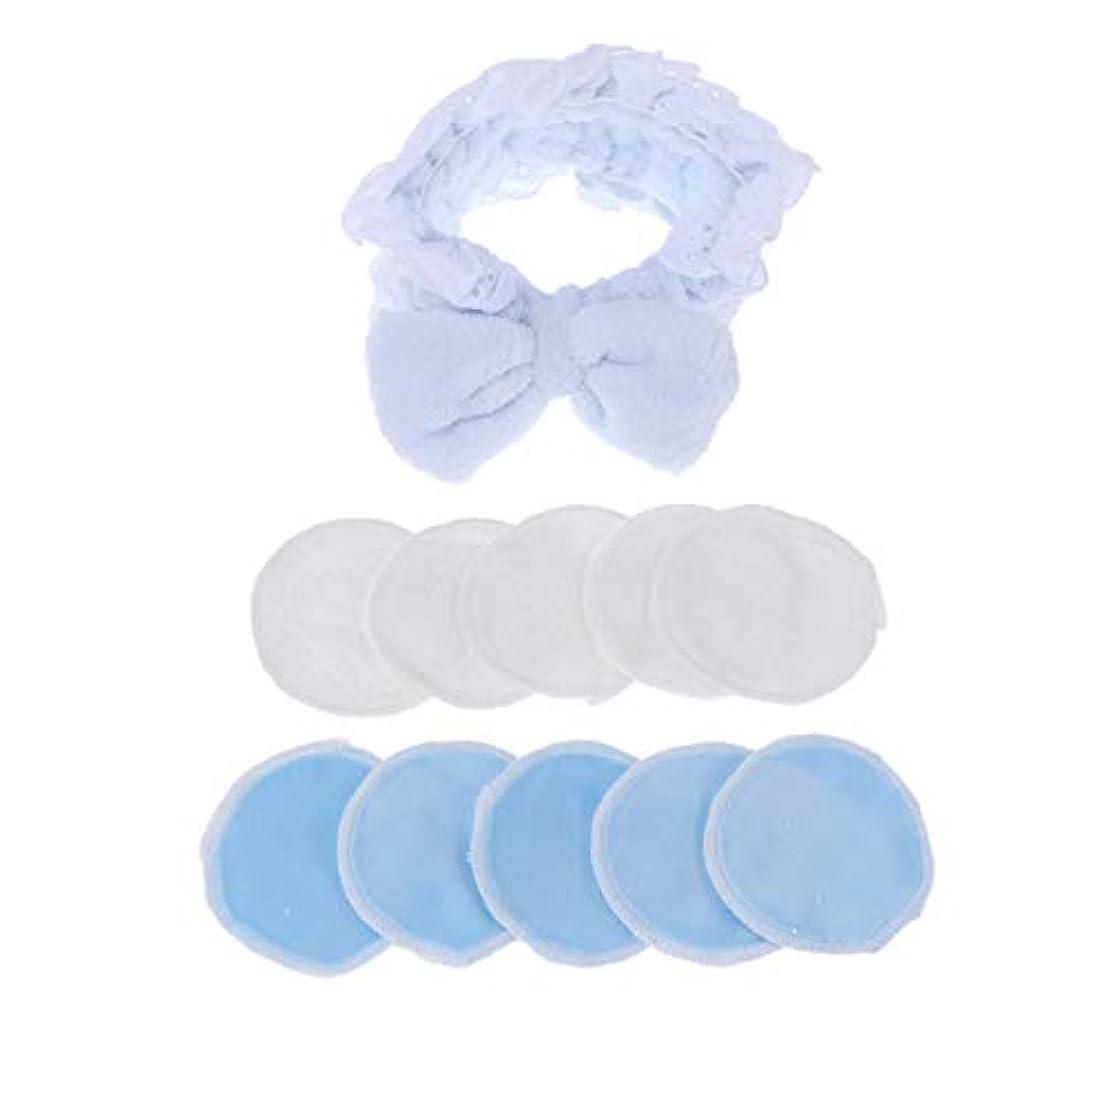 部構造ご注意Lurrose 12pcs化粧除去パッド化粧品洗浄パッド洗顔ヘッドバンドと収納袋